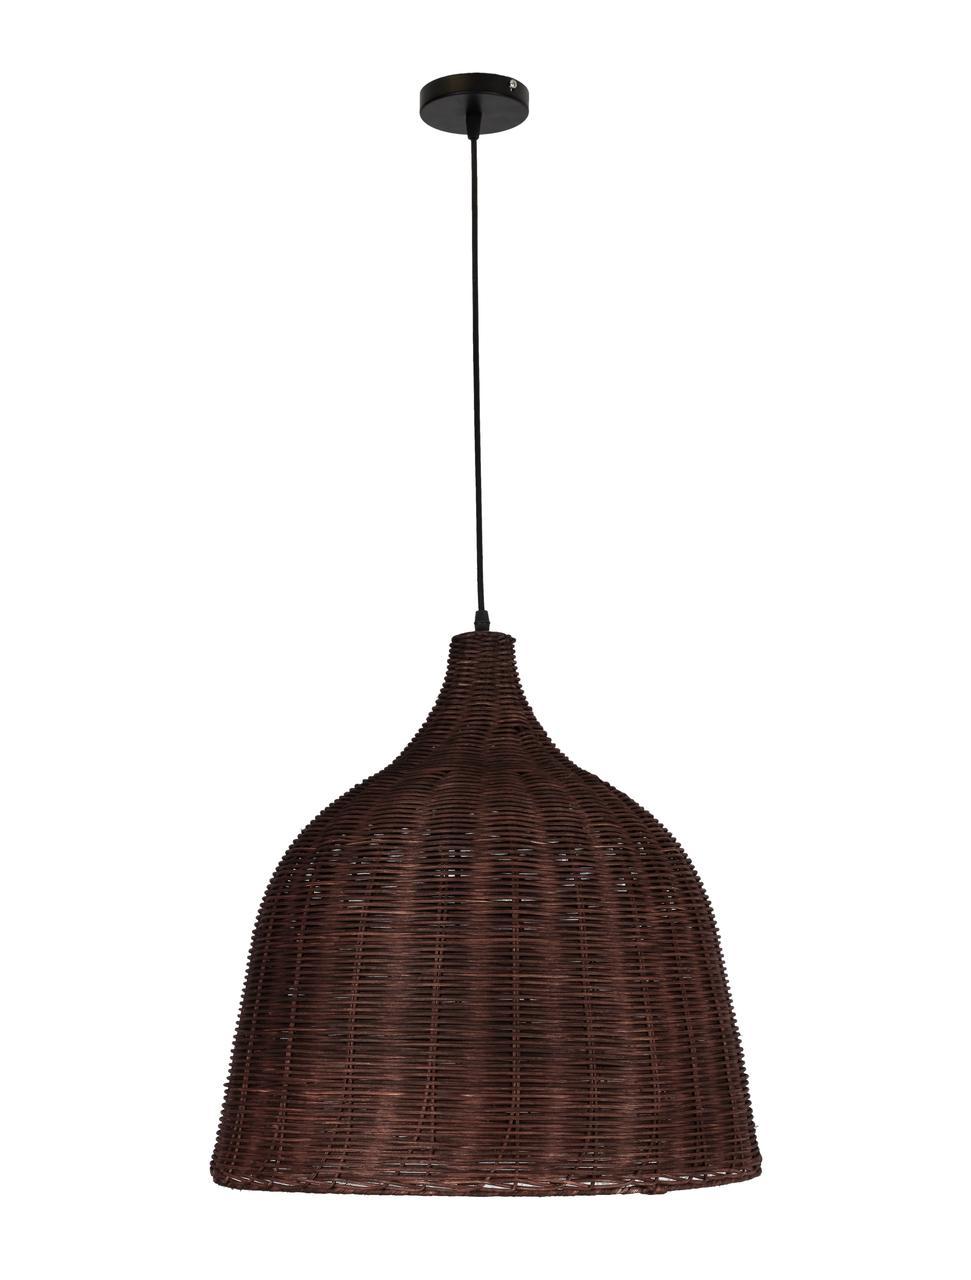 Подвесной светильник из ротанга в эко-стиле LV 971RATTAN-1(470) CF